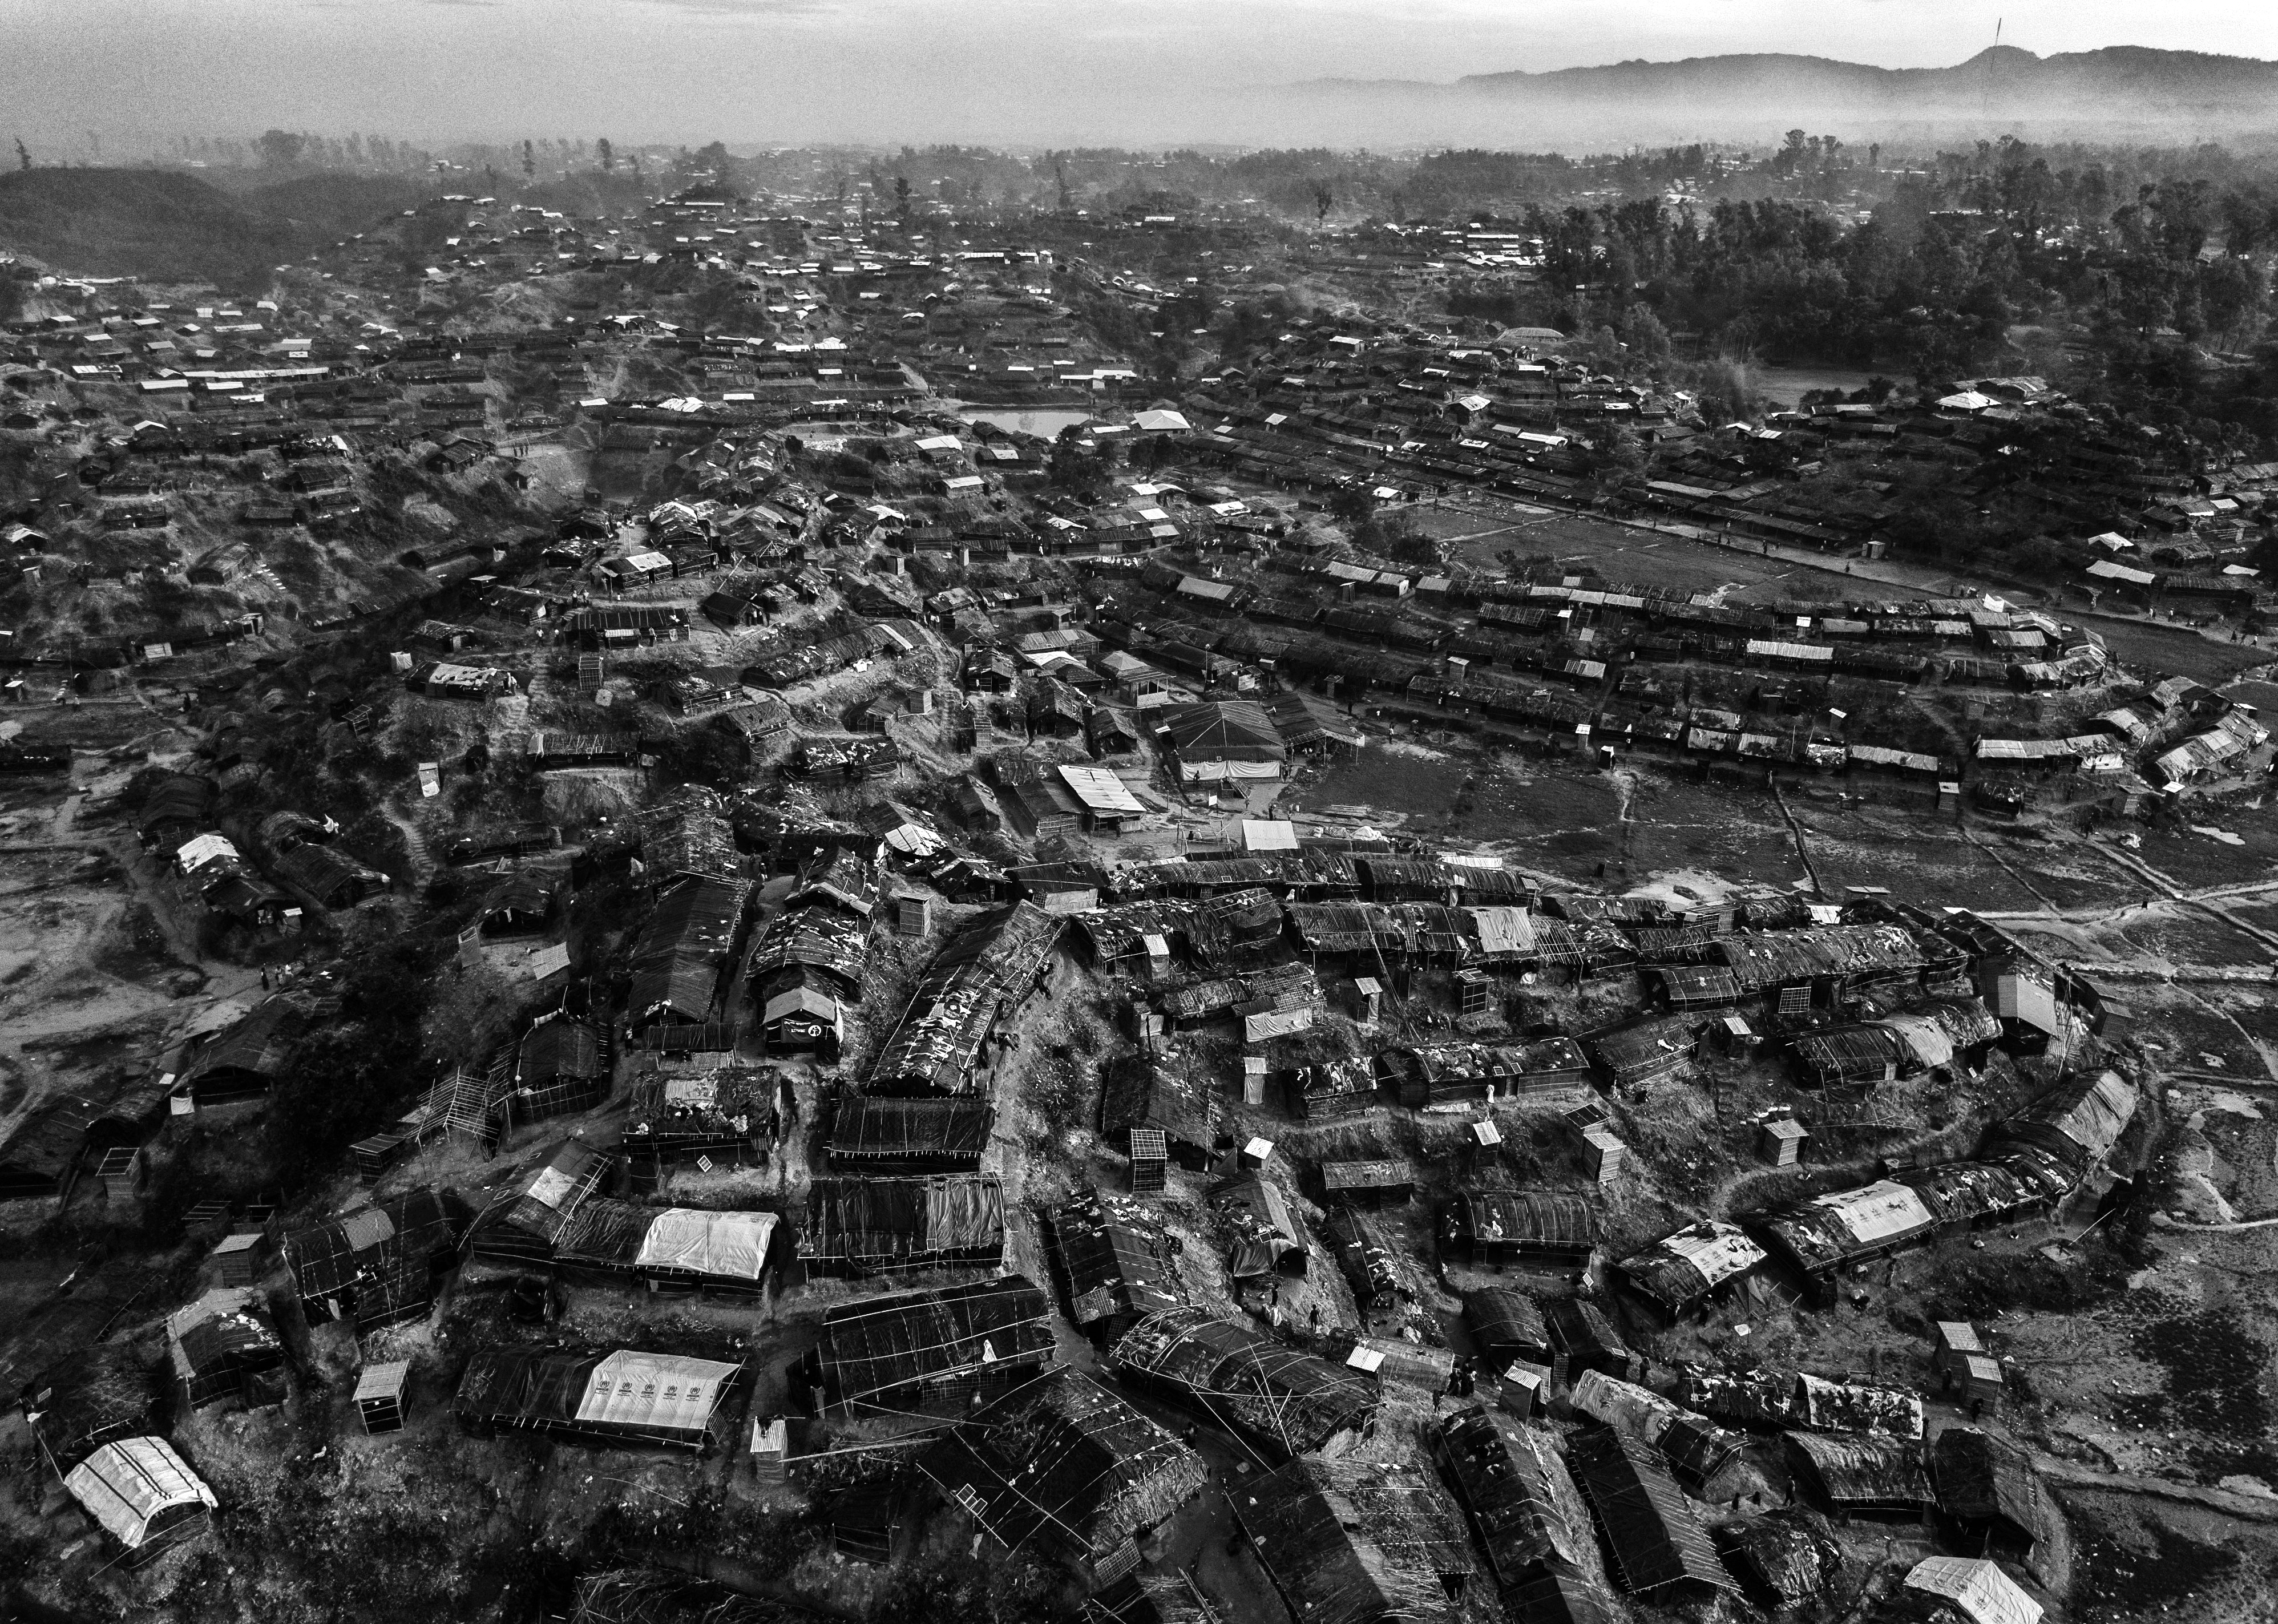 Un campo de refugiados enCox's Bazar, Bangladesh (Kevin Frayer/Getty Images)